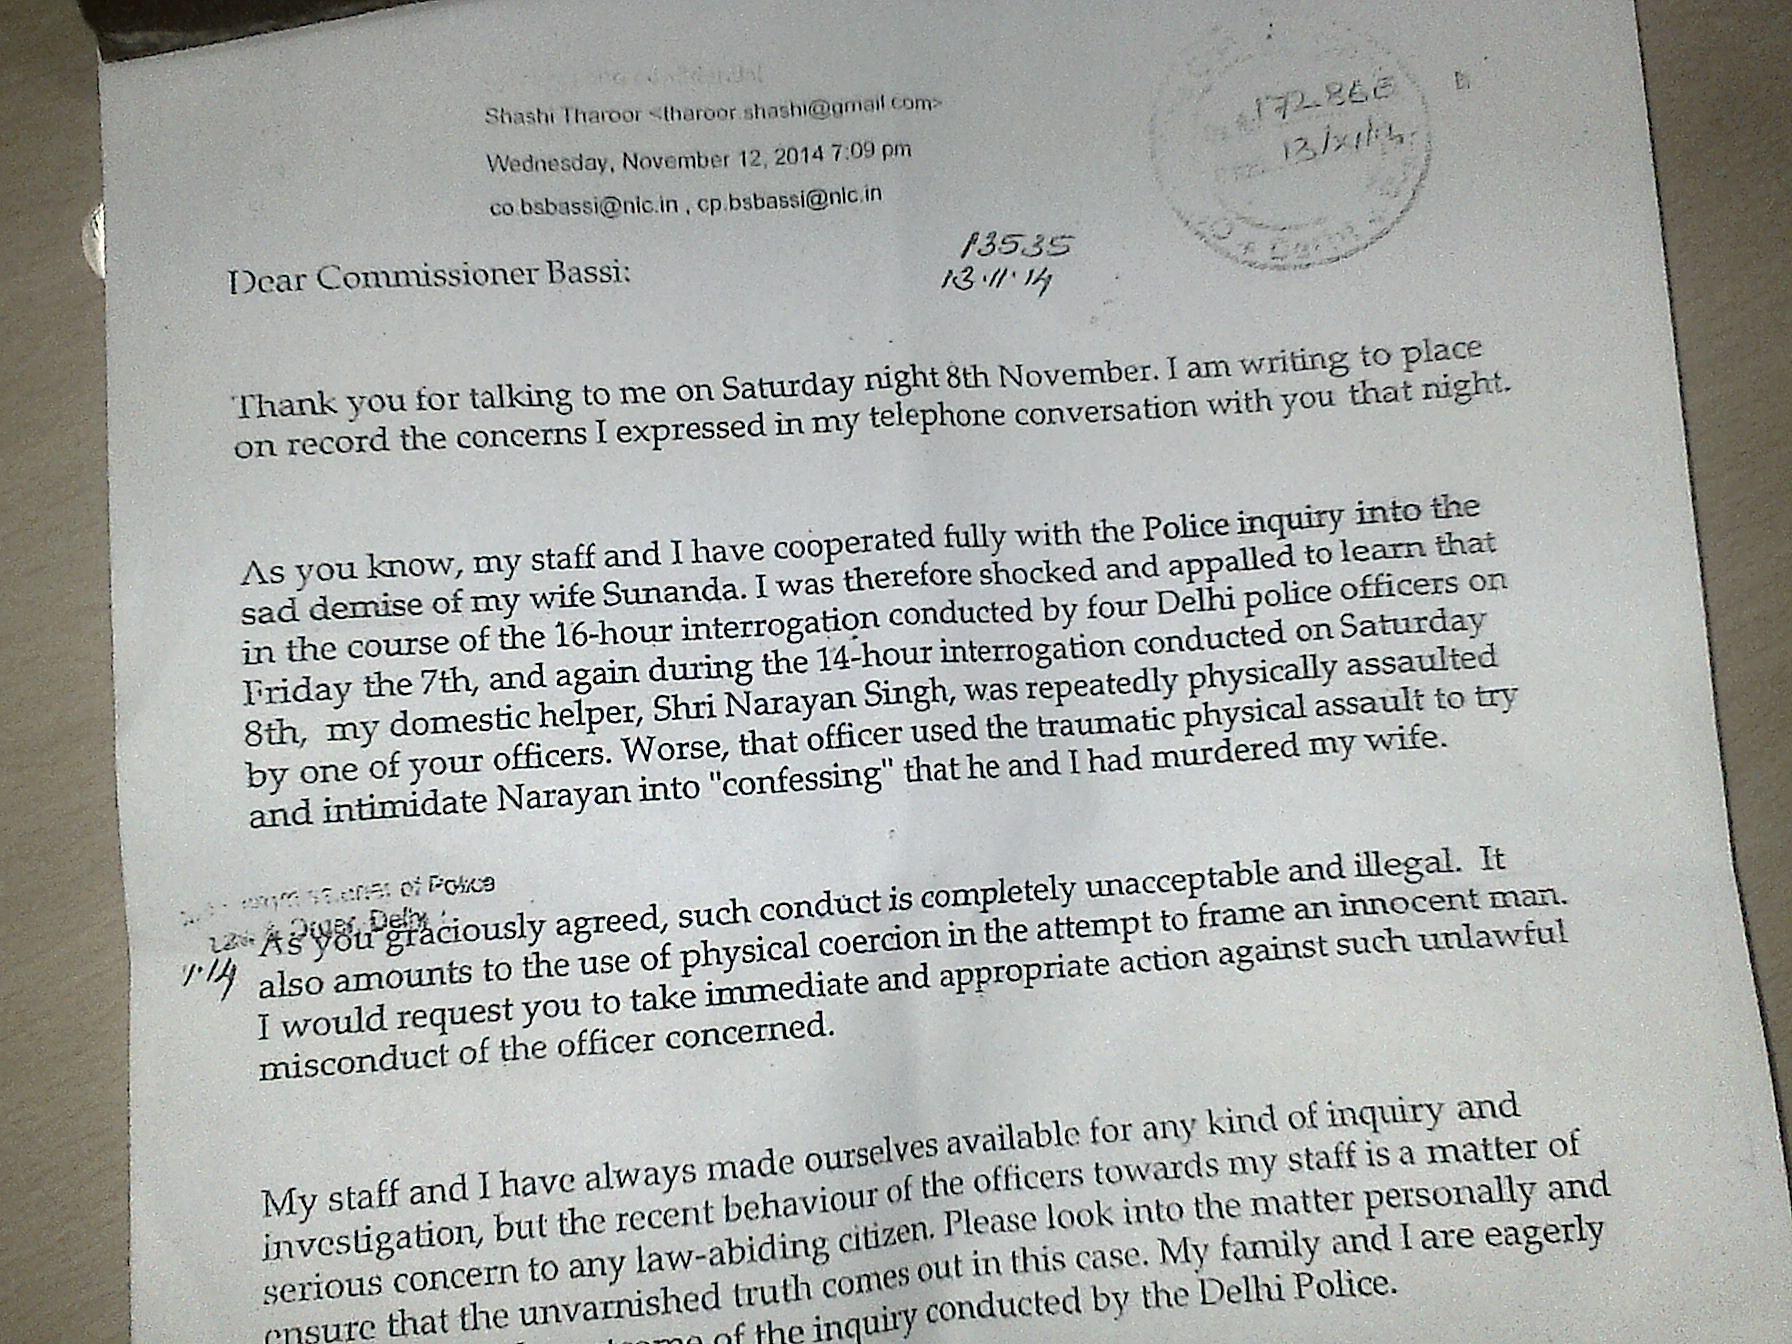 shashi tharoor letter